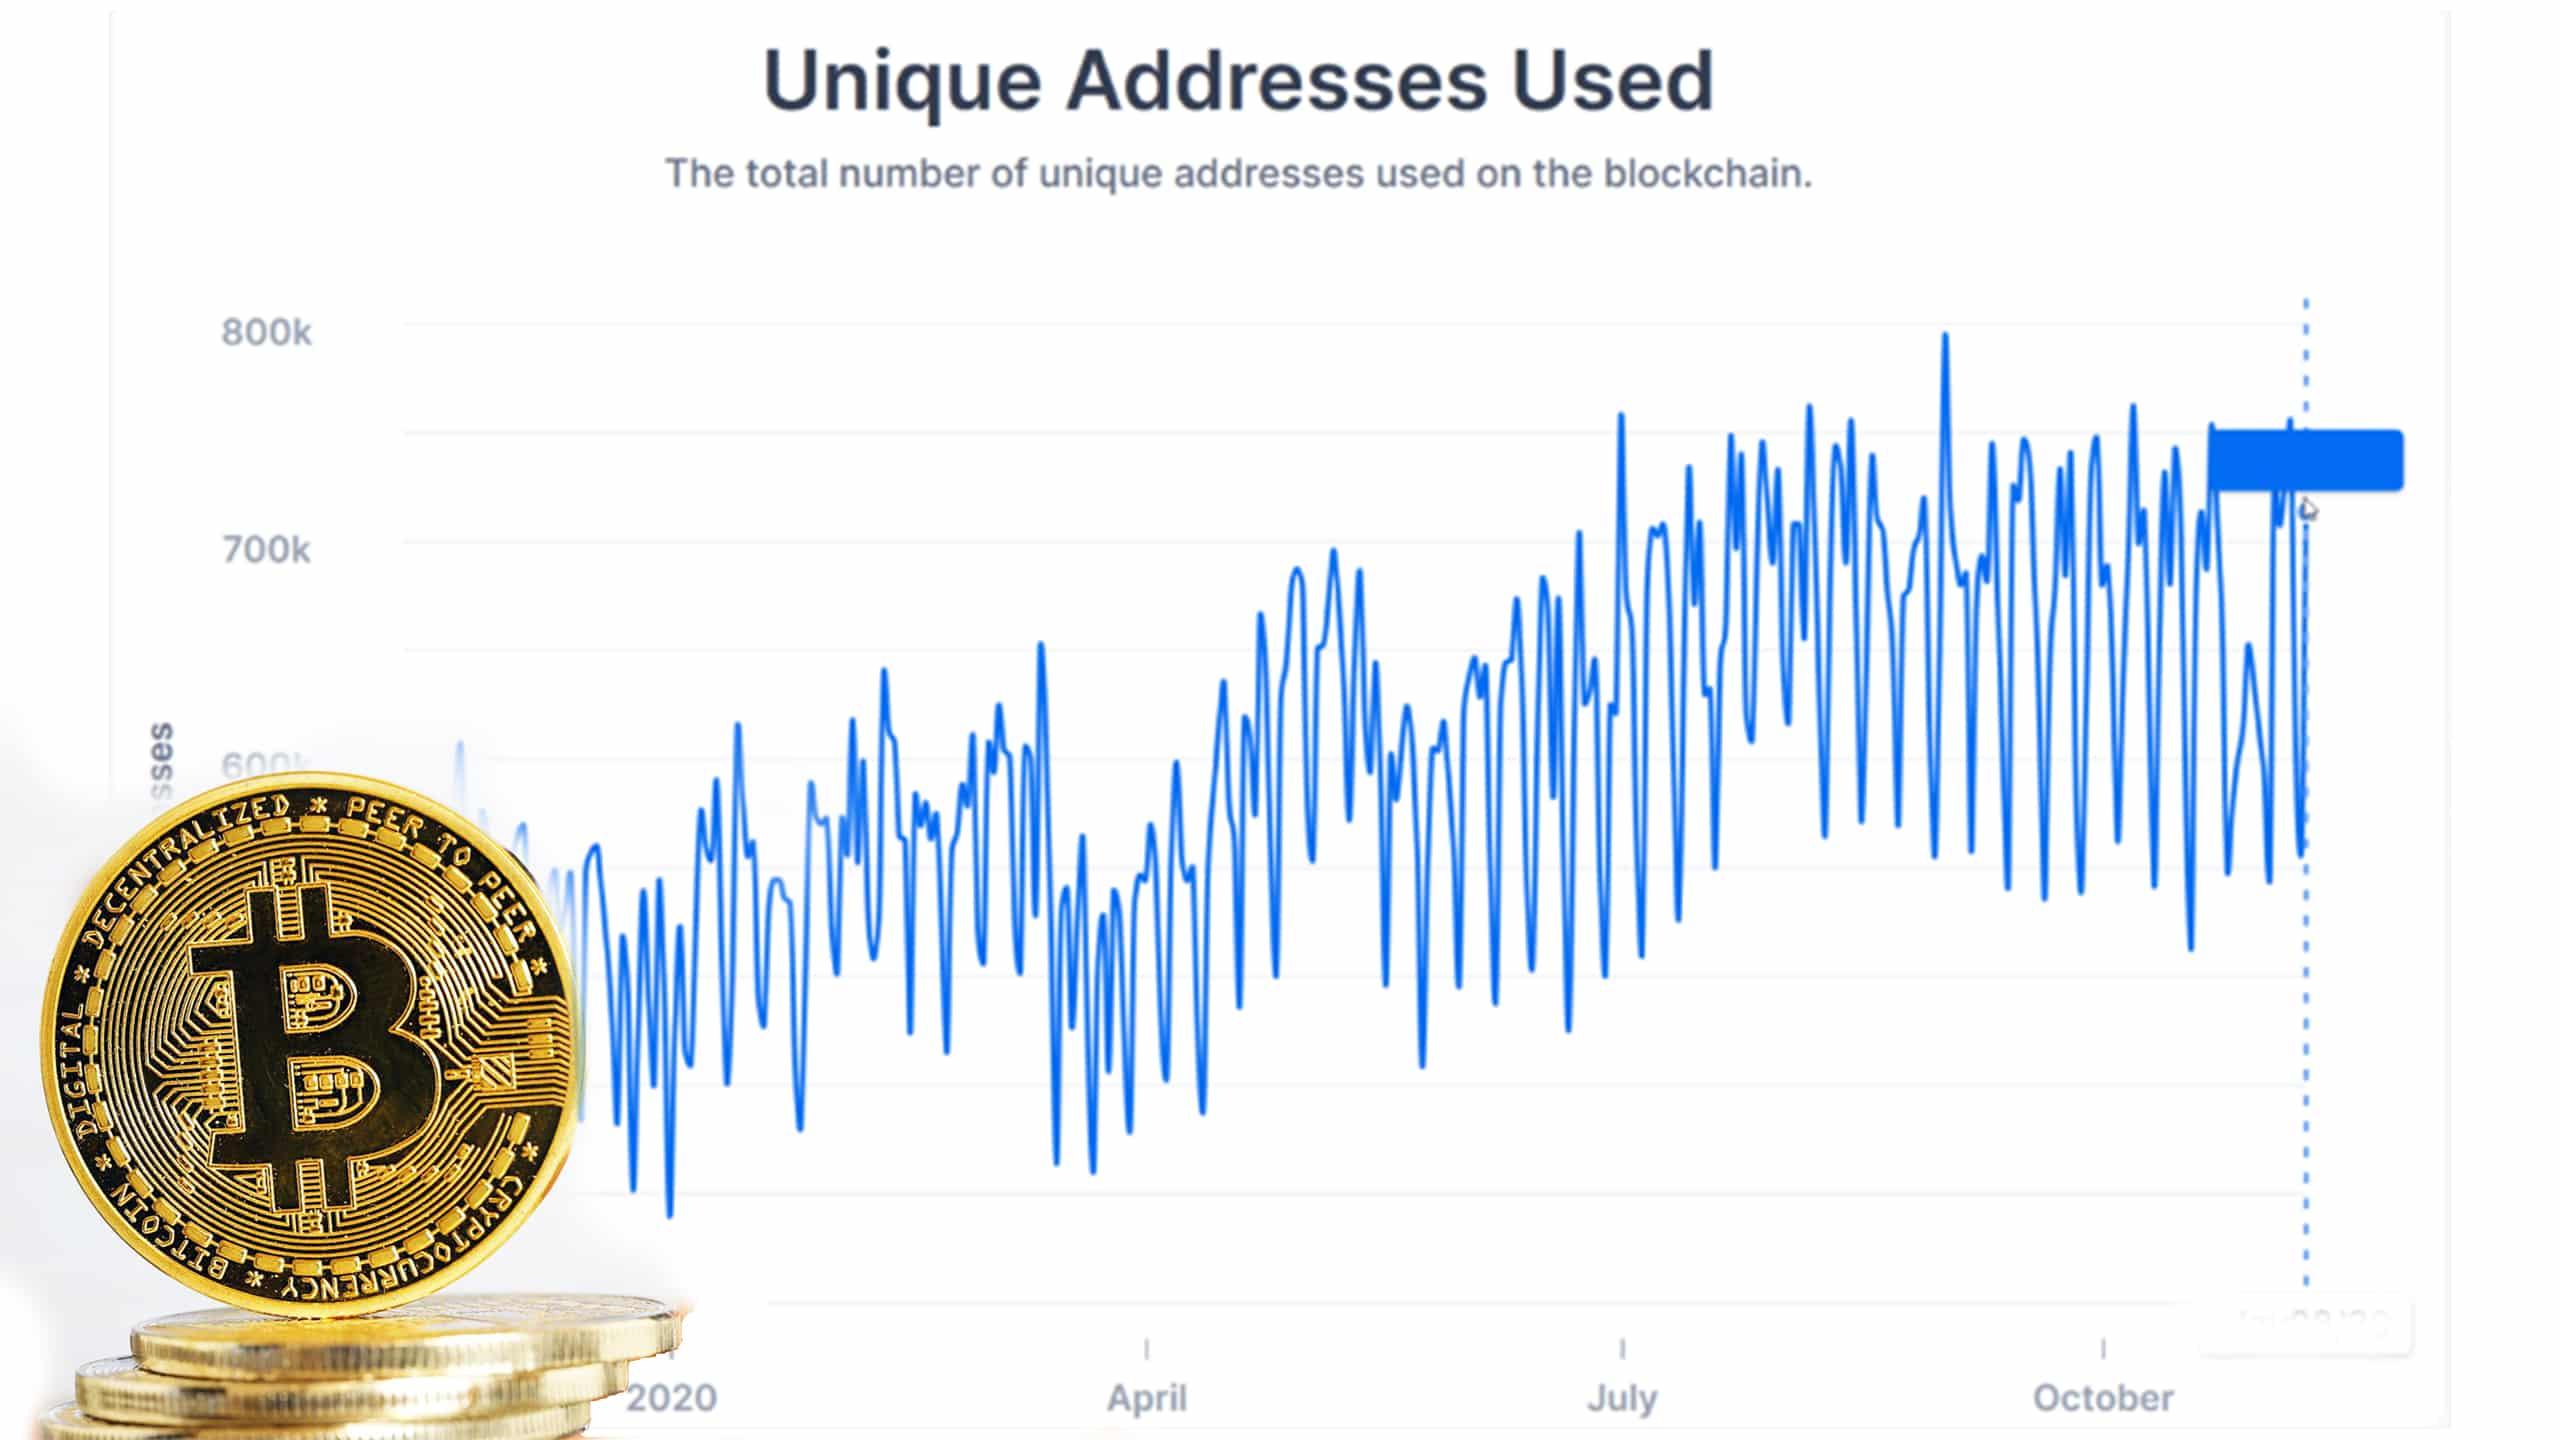 22.3 میلیون آدرس بیت کوین در ماه ژانویه فعال بوده است